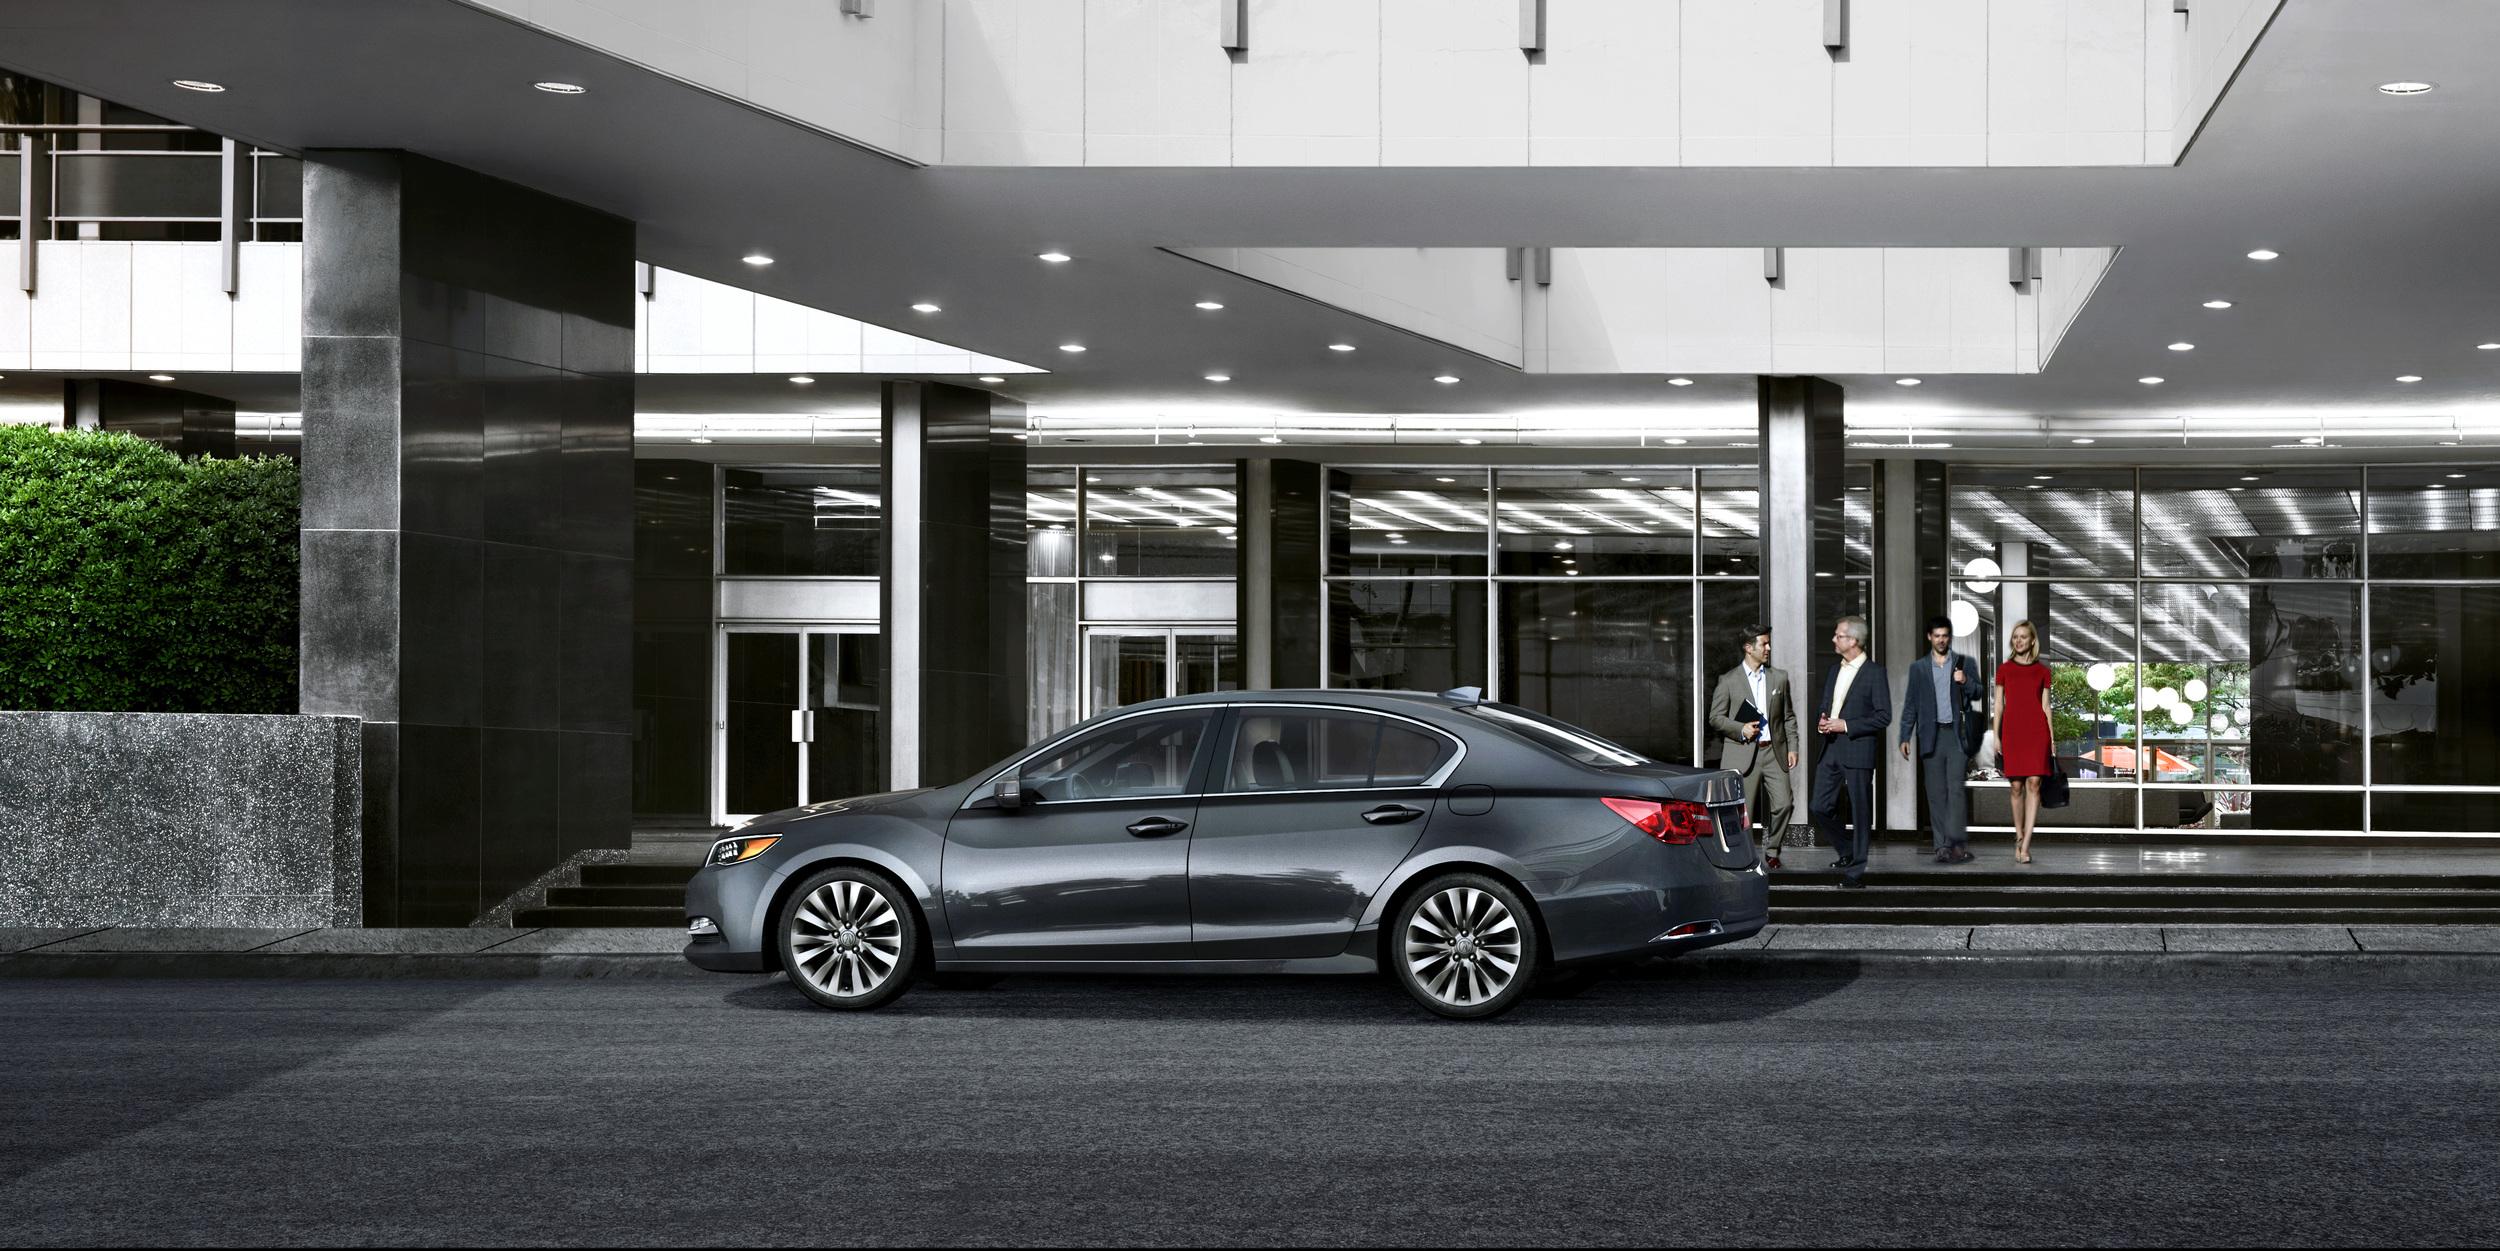 Acura_2014_RLX_Office_Entry.jpg